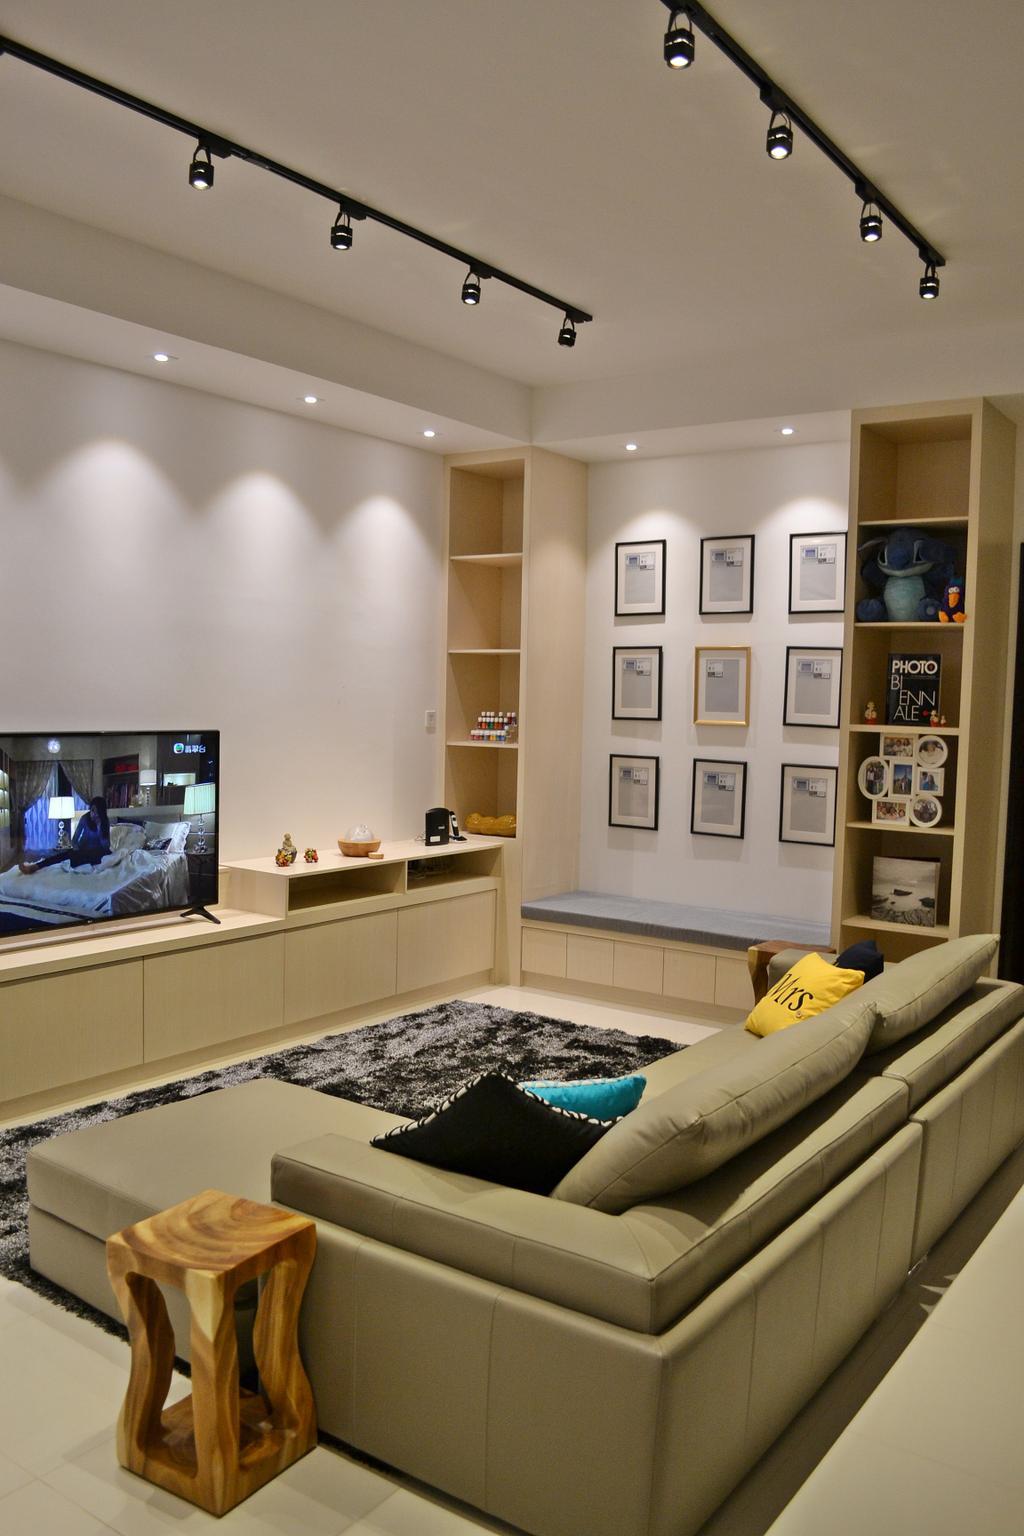 Scandinavian, Landed, Setia Duta Villa, Shah Alam, Interior Designer, DesignLah, Contemporary, Human, People, Person, Indoors, Interior Design, Apartment, Building, Housing